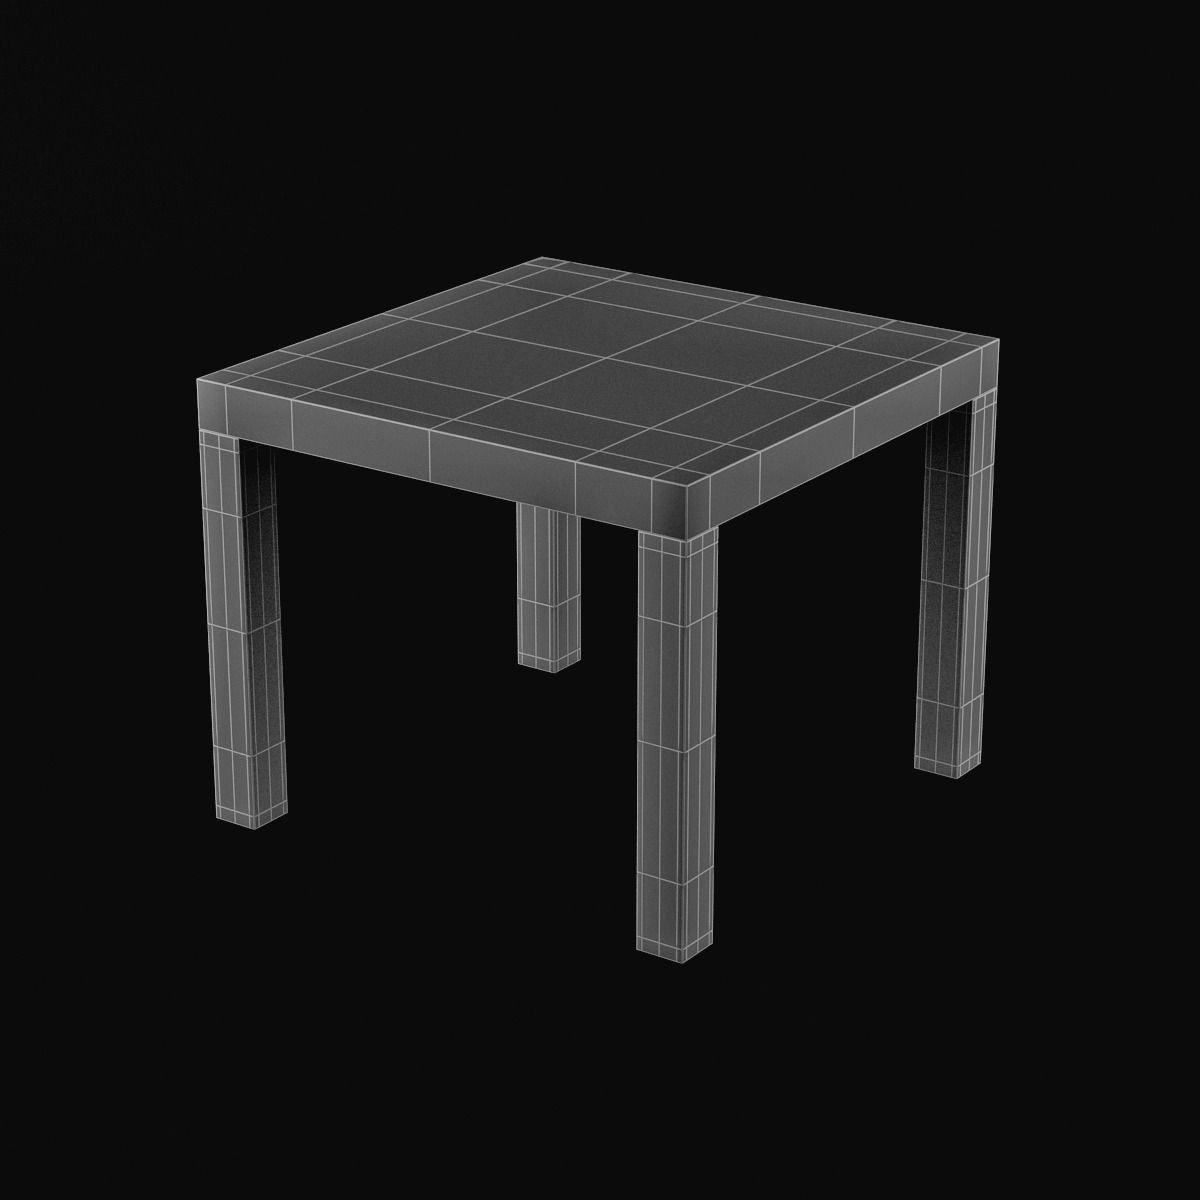 ikea lack side table. Black Bedroom Furniture Sets. Home Design Ideas